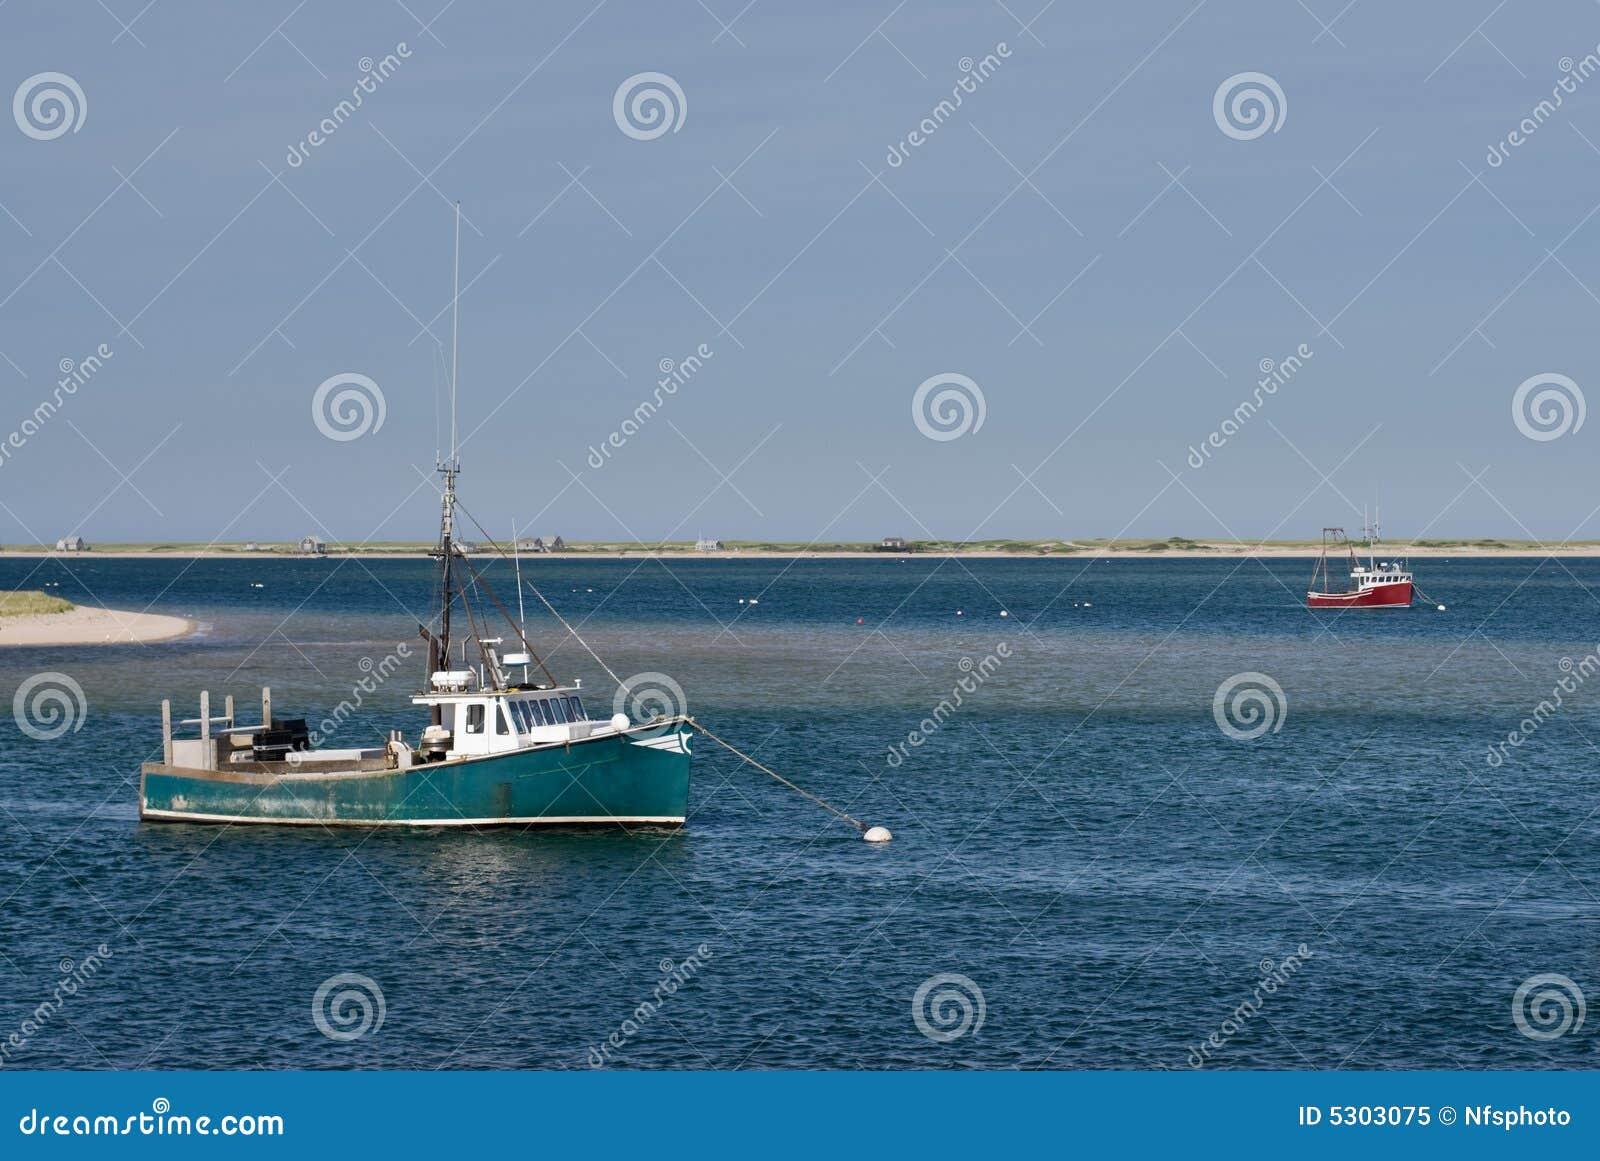 Download Vecchio Verde E Pescherecci Rossi Ancorati In W Calmo Immagine Stock - Immagine di commercio, oceano: 5303075